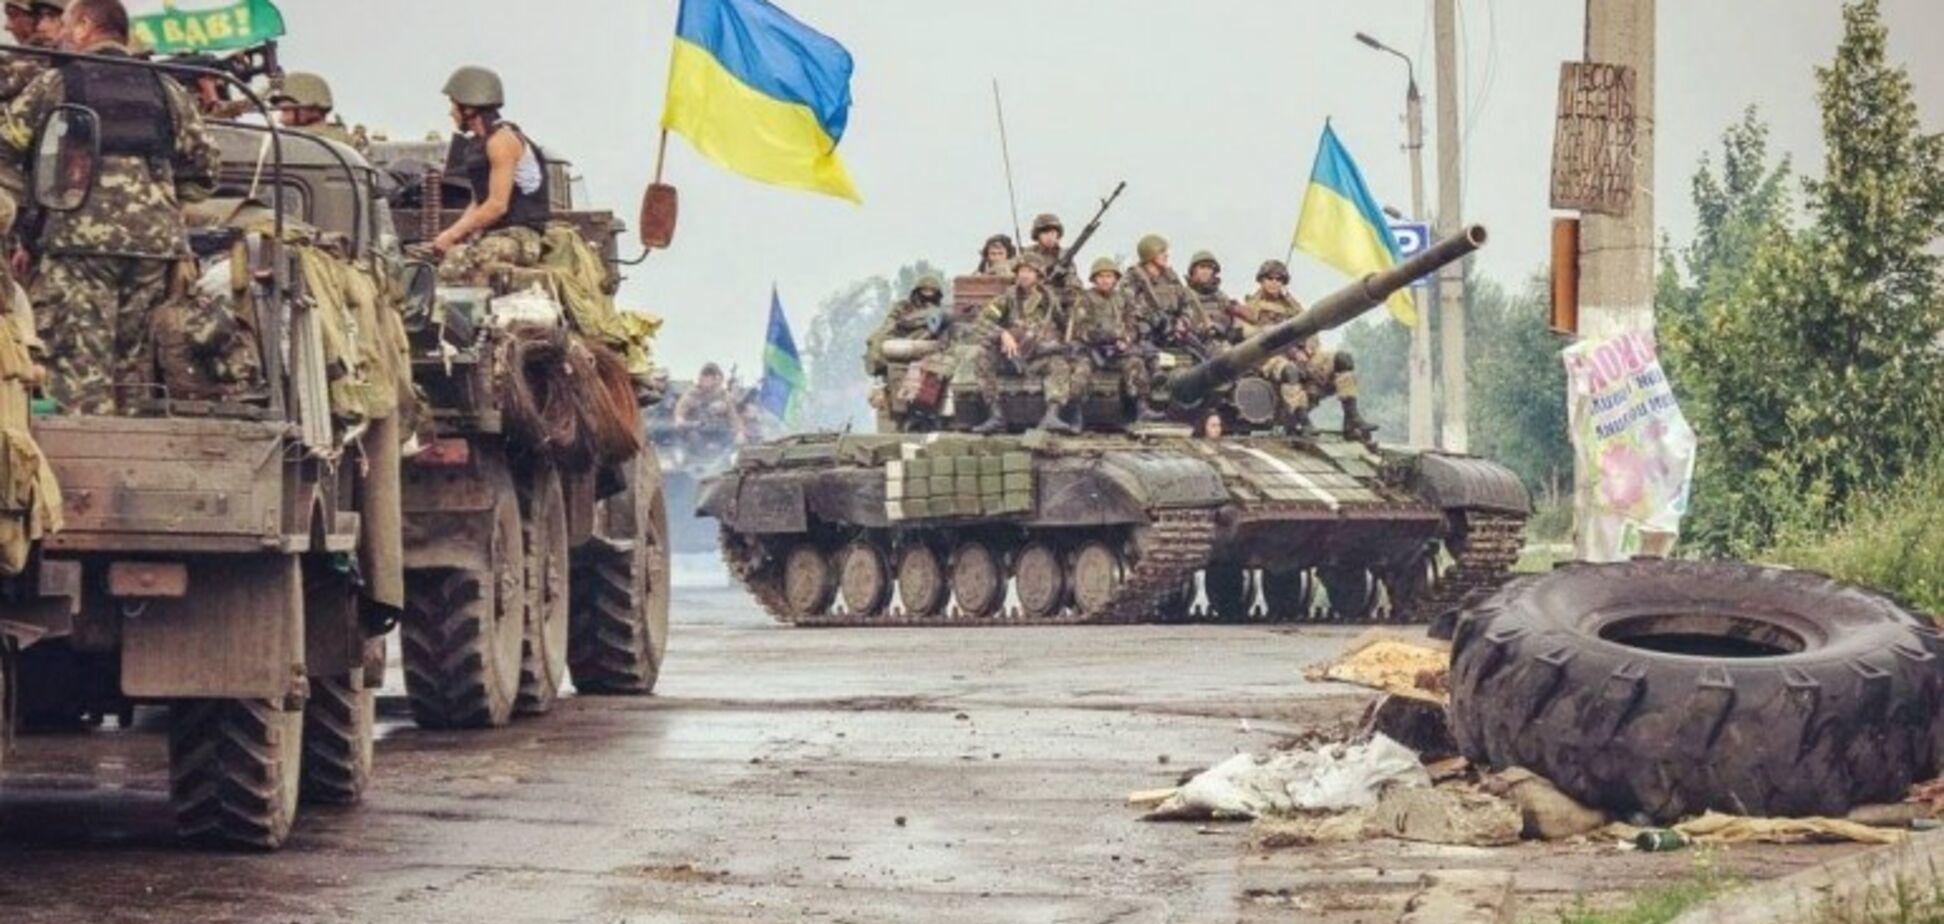 На Донбасі зав'язалися криваві бої: у 'Л/ДНР' великі втрати